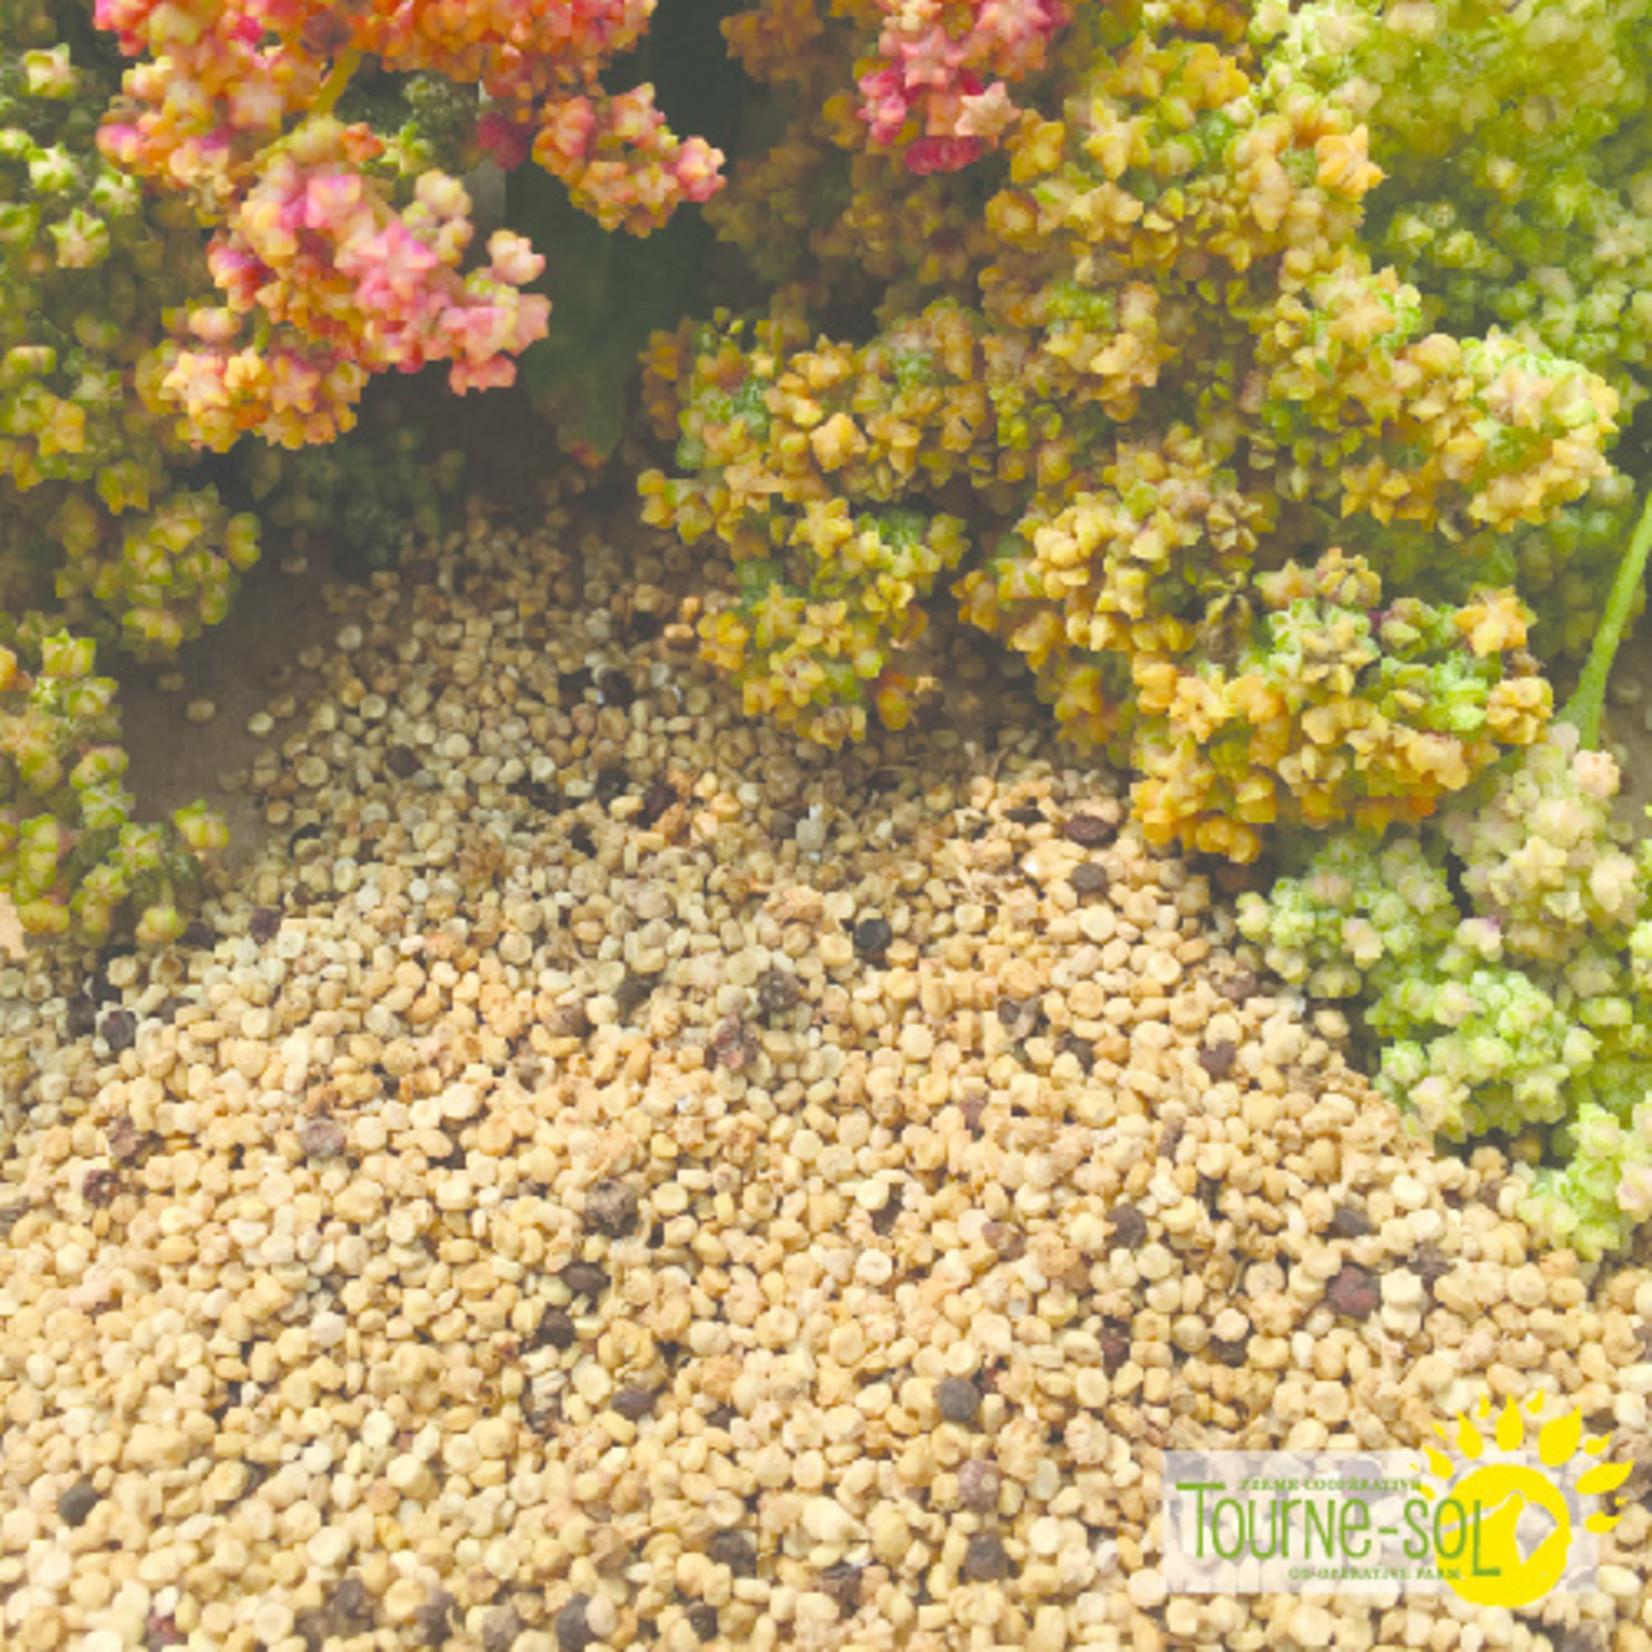 Tourne-Sol Rainbow quinoa mix